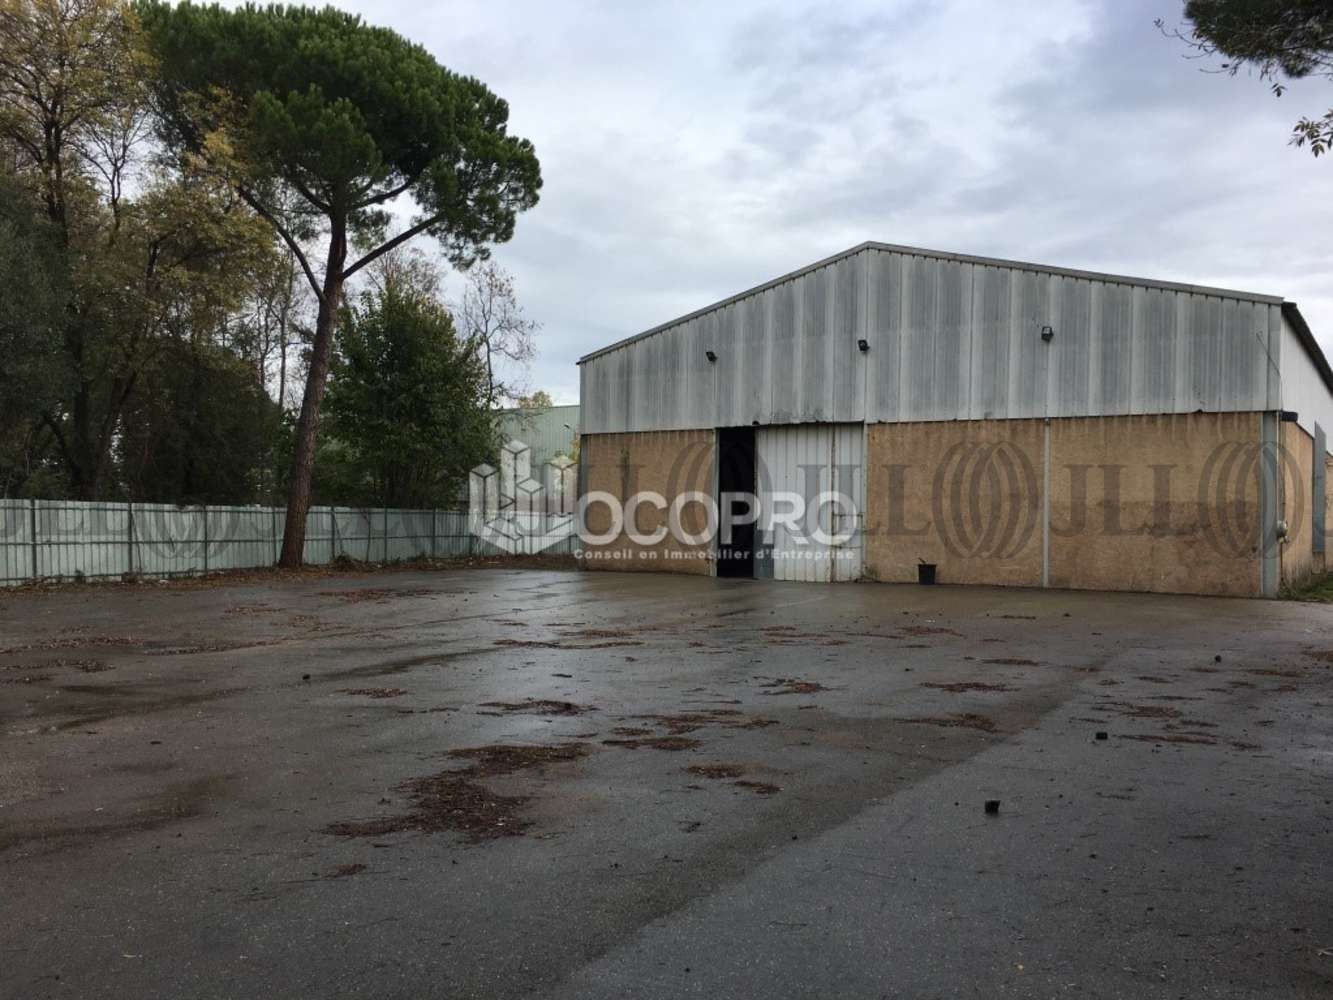 Activités/entrepôt Mandelieu la napoule, 06210 - MANDELIEU-LA-NAPOULE - 10939527